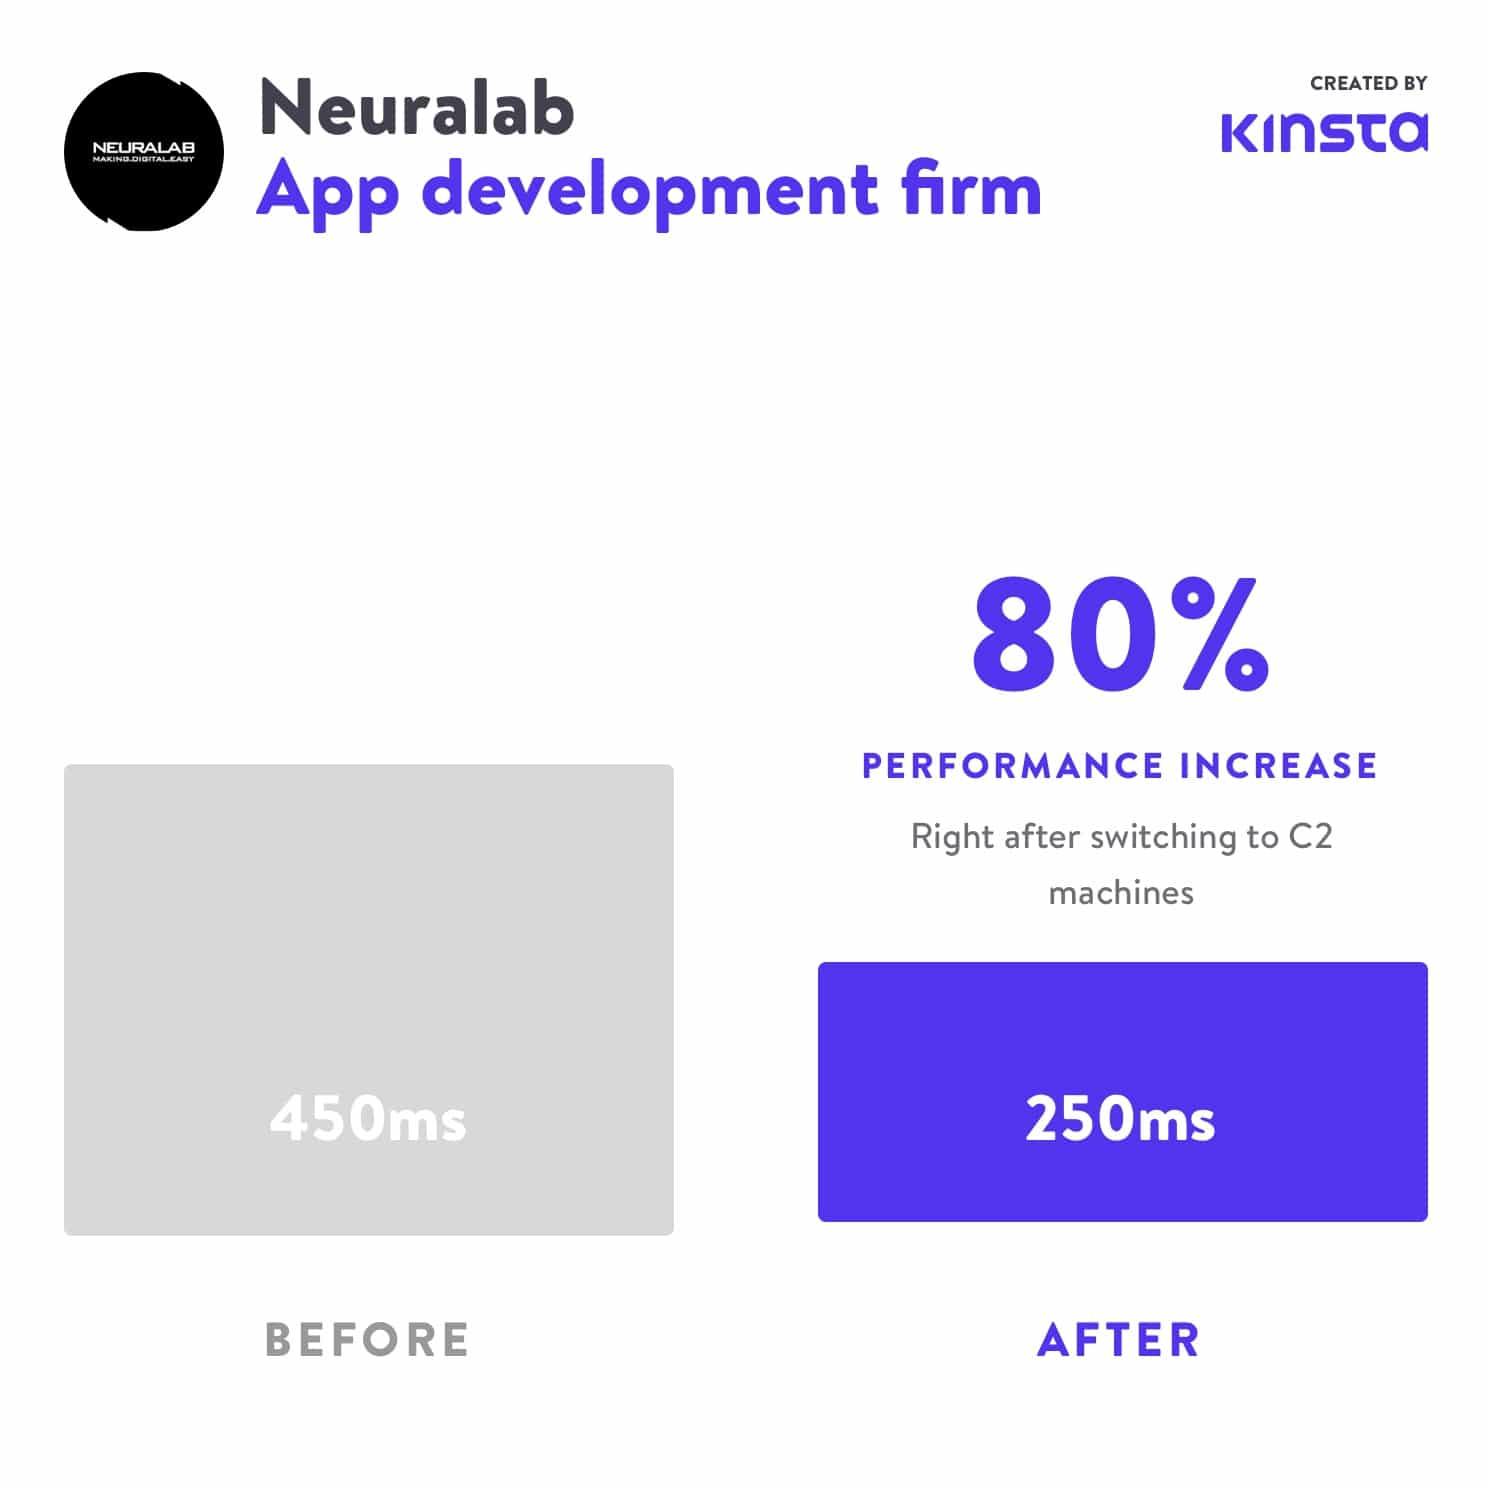 Neuralab oplevede en 80% effektivitetsforøgelse efter flytning til C2.